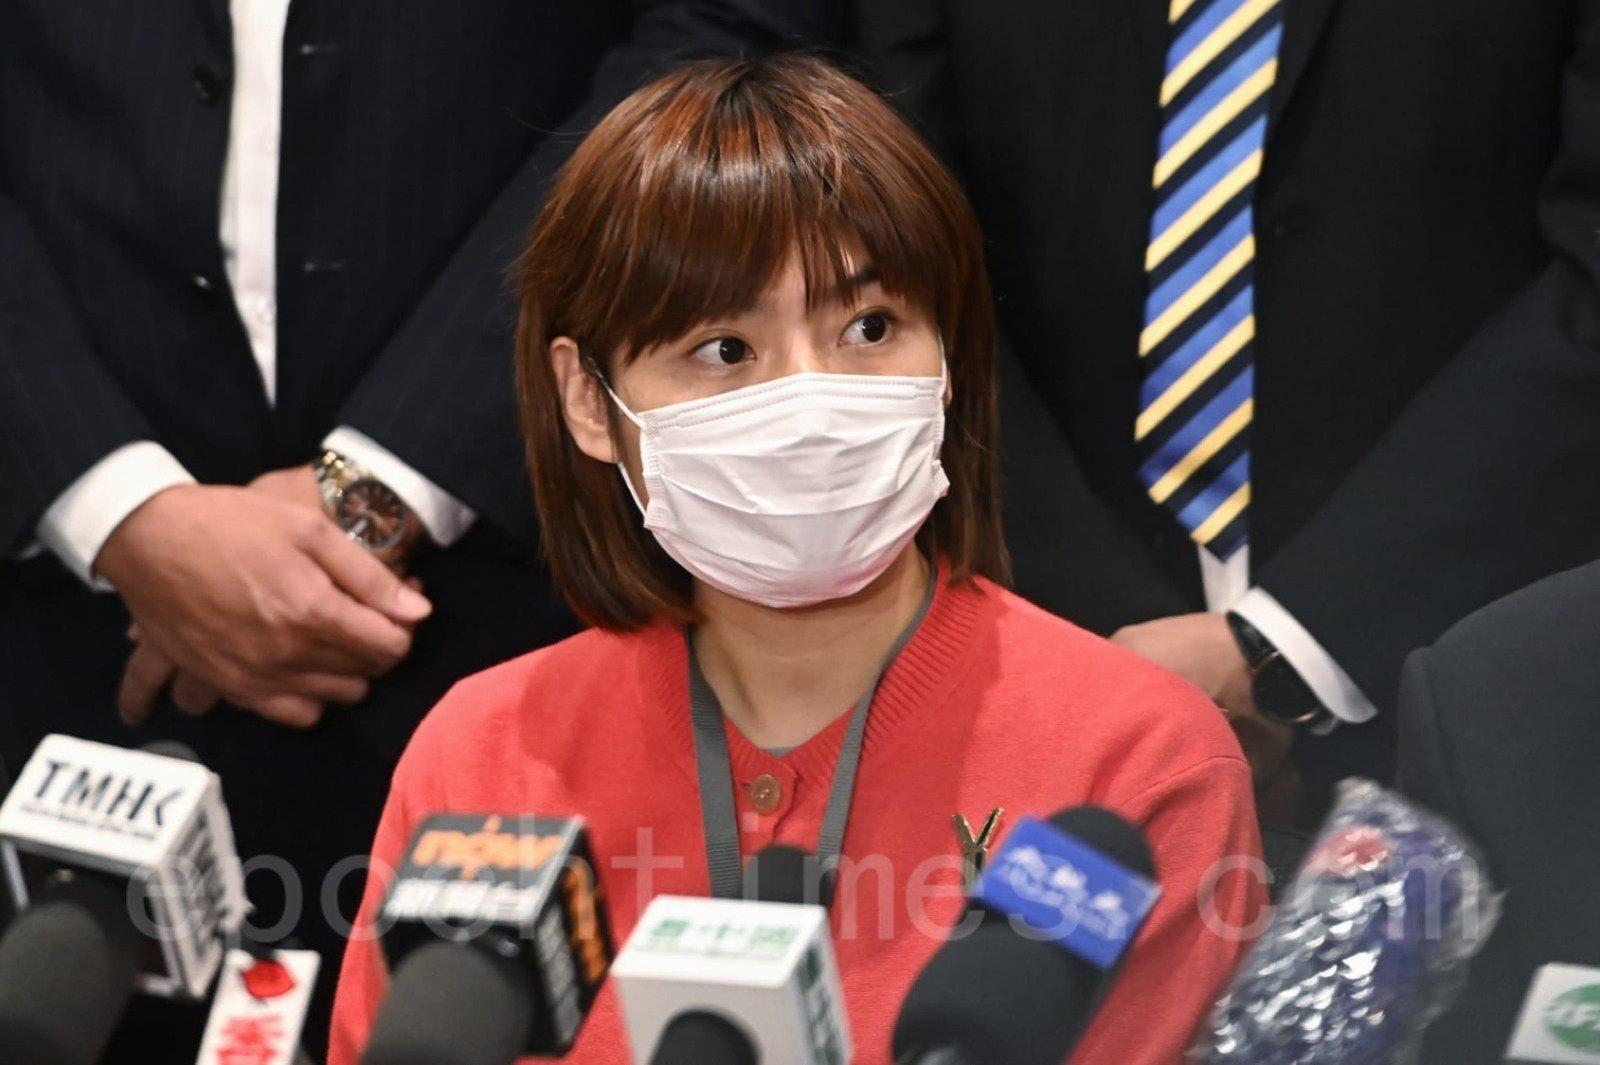 國泰空中服務員工會主席王思敏指,工會已正式入紙申請下周三於國泰城外舉行集會。(宋碧龍/大紀元)